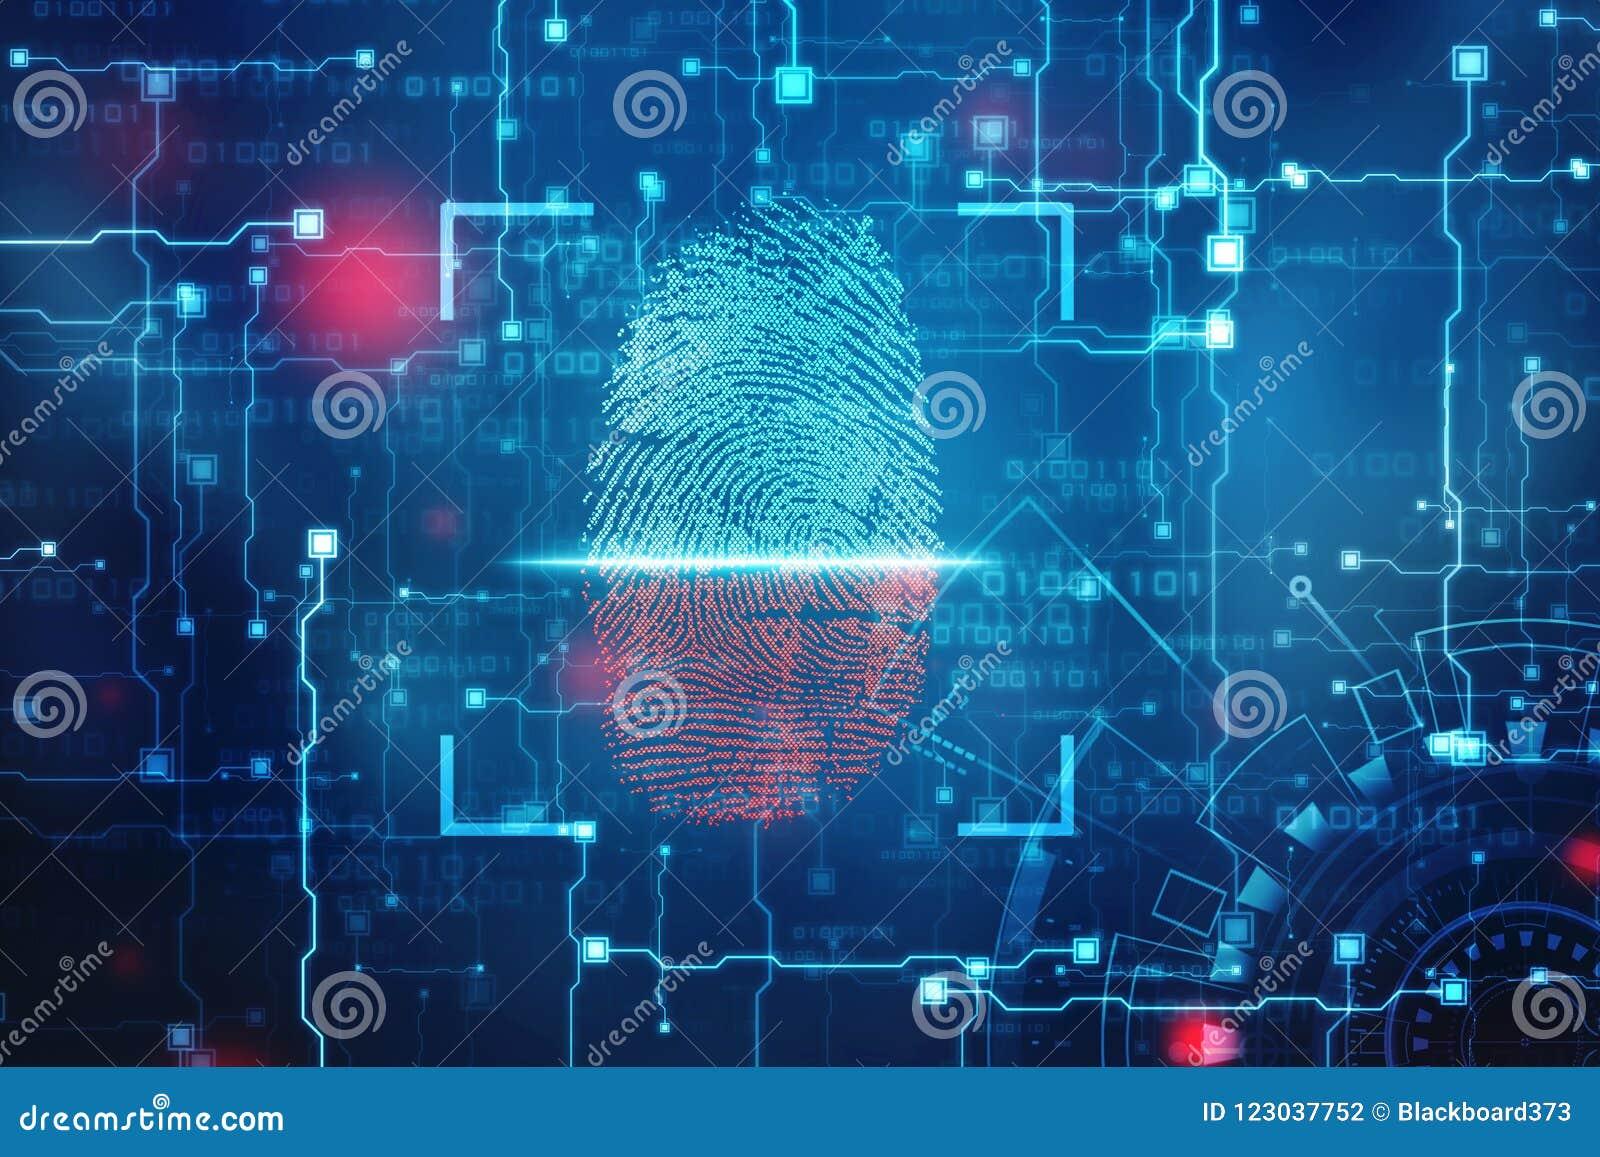 Concepto de la seguridad: exploración de la huella dactilar en la pantalla digital o ejemplo